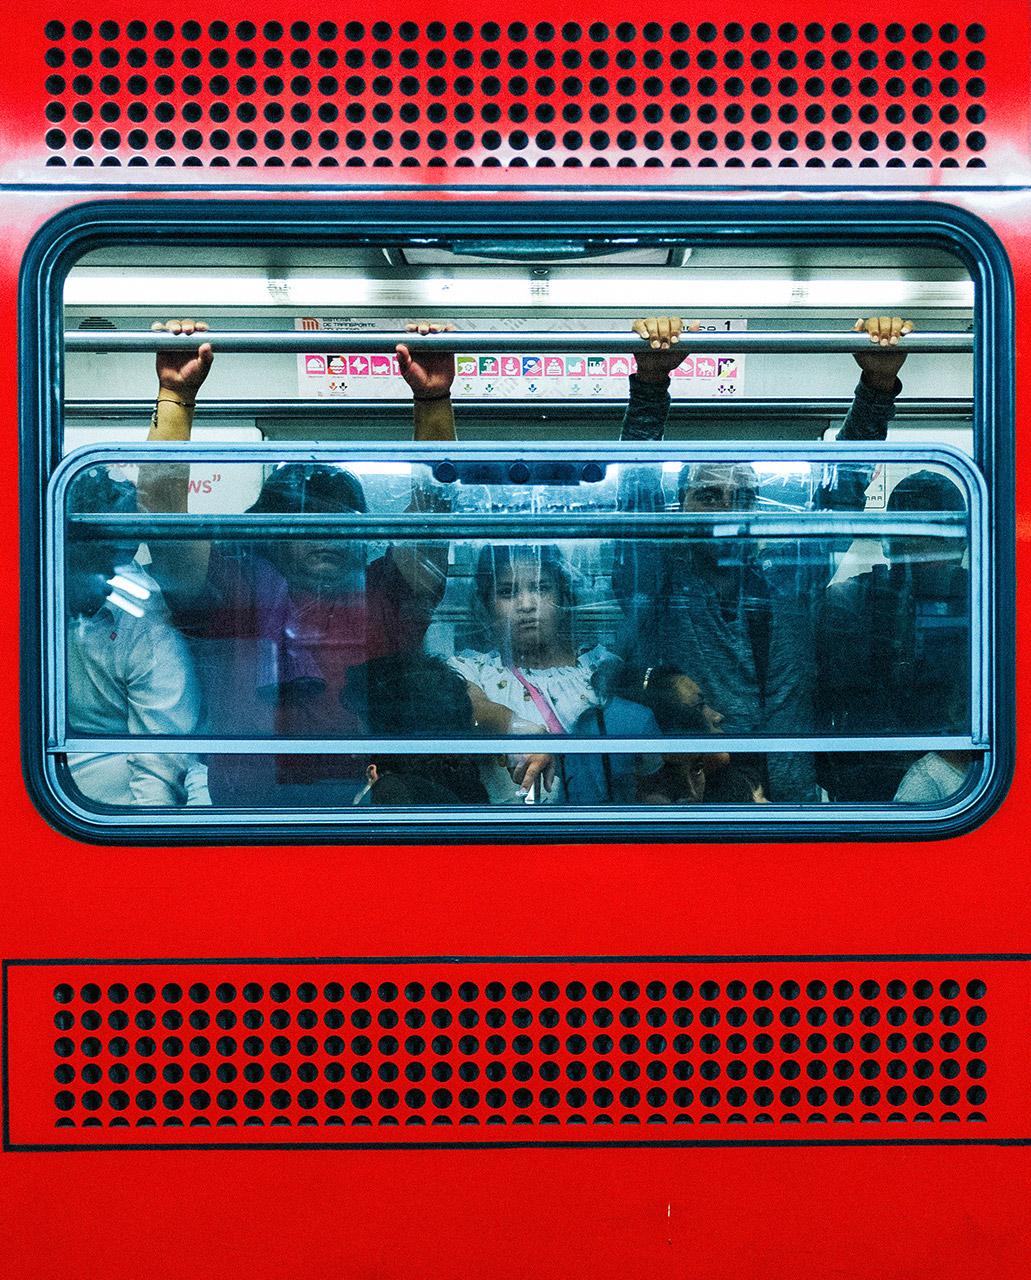 compagnon_trovatten_feature_girl_subway